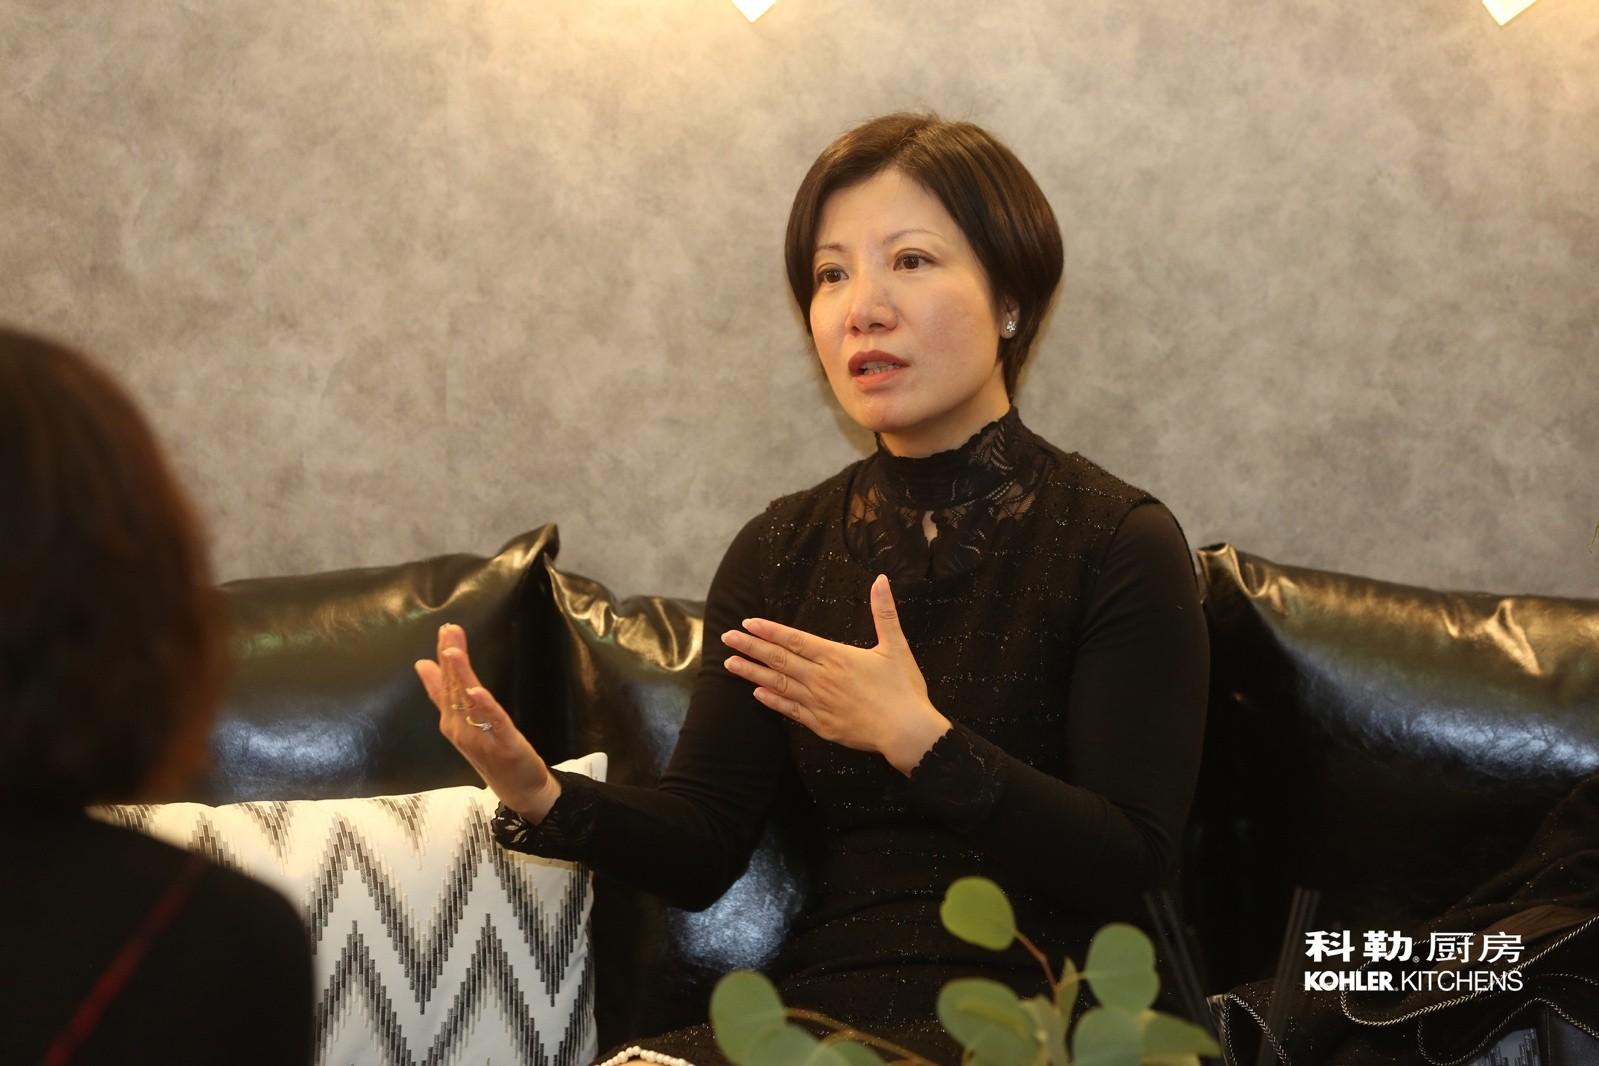 科勒中国整体橱柜部总经理王瑾竹女士